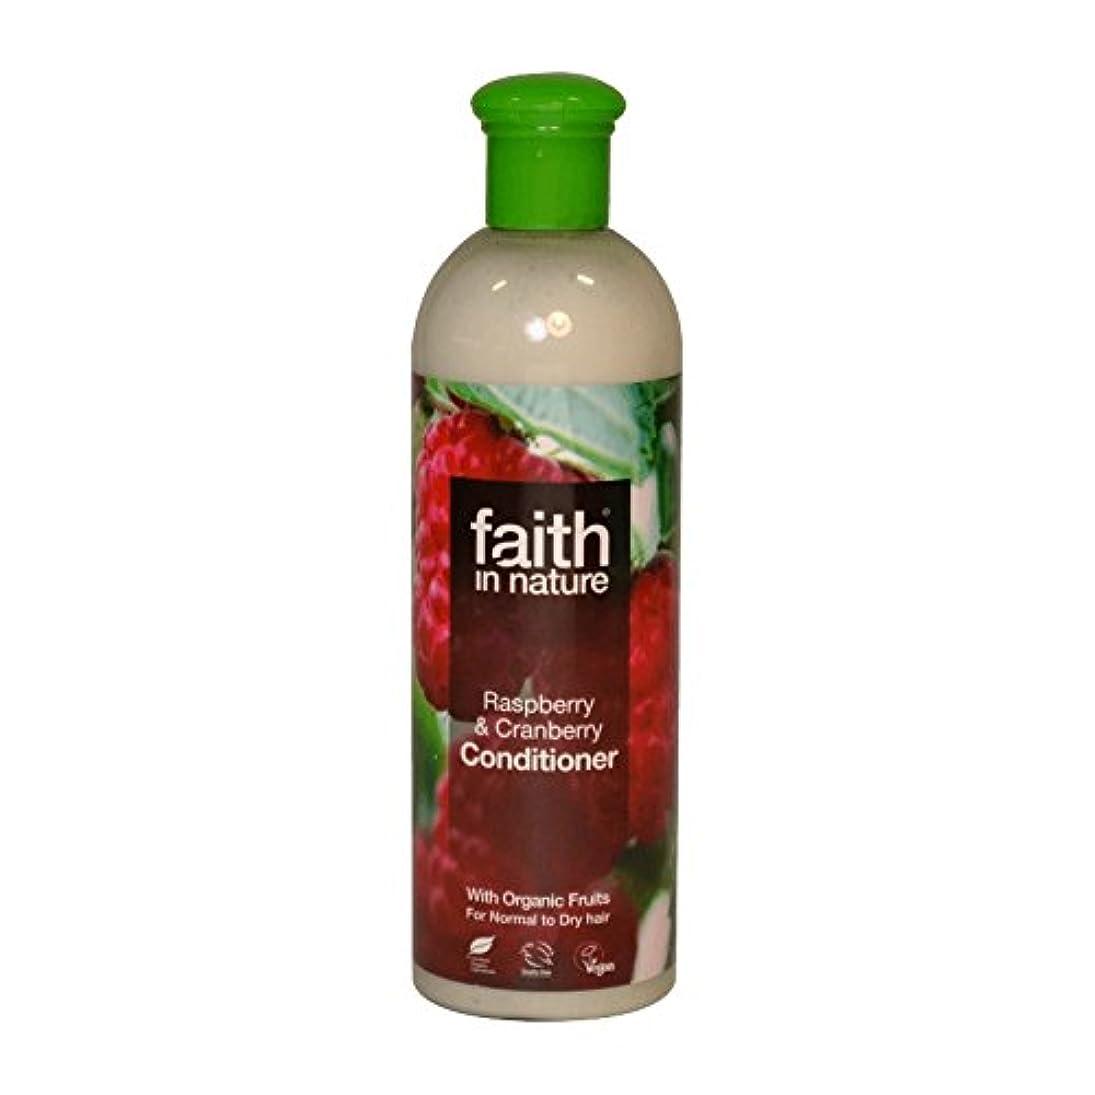 シーズン歯科医考えるFaith in Nature Raspberry & Cranberry Conditioner 400ml (Pack of 6) - 自然ラズベリー&クランベリーコンディショナー400ミリリットルの信仰 (x6)...